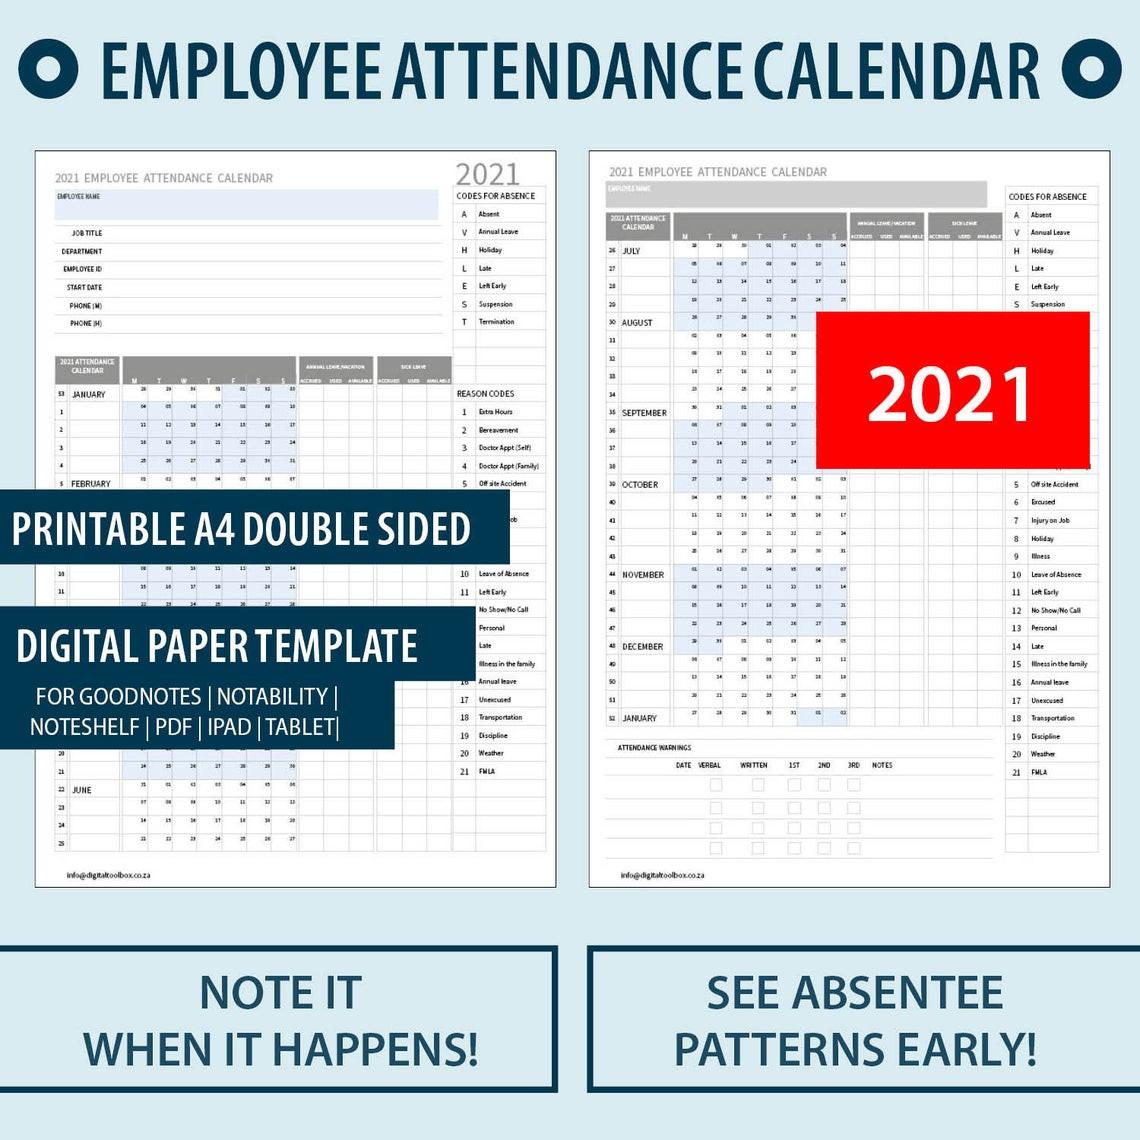 2021 A4 Printable Employee Attendance Absentee | Etsy-Employee Attendance Calendar 2021